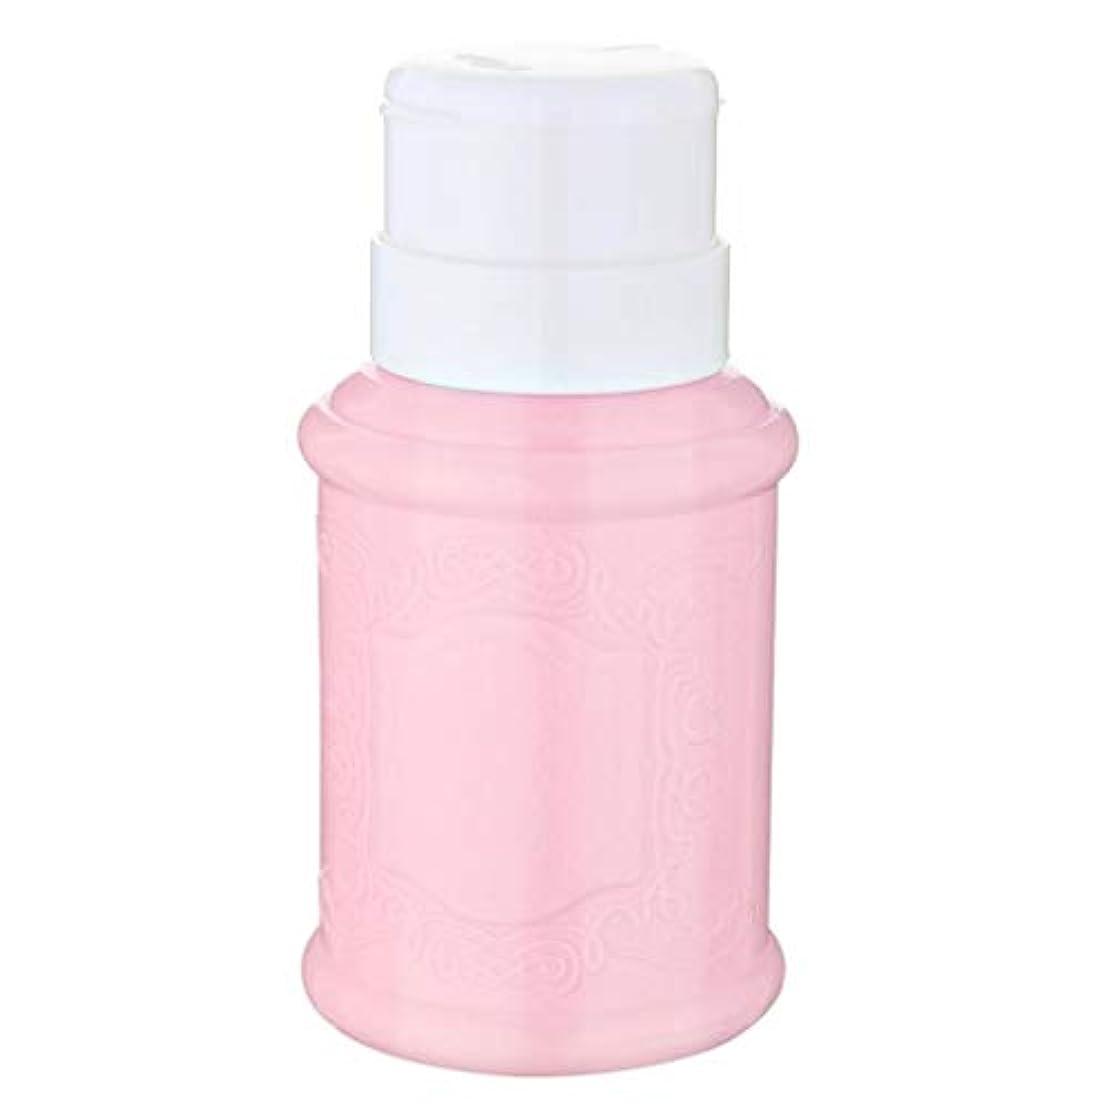 ミュート今後ベストT TOOYFUL 空ポンプ ボトル ネイルクリーナーボトル ポンプディスペンサー ネイル ポンプディスペンサー 全3色 - ピンク